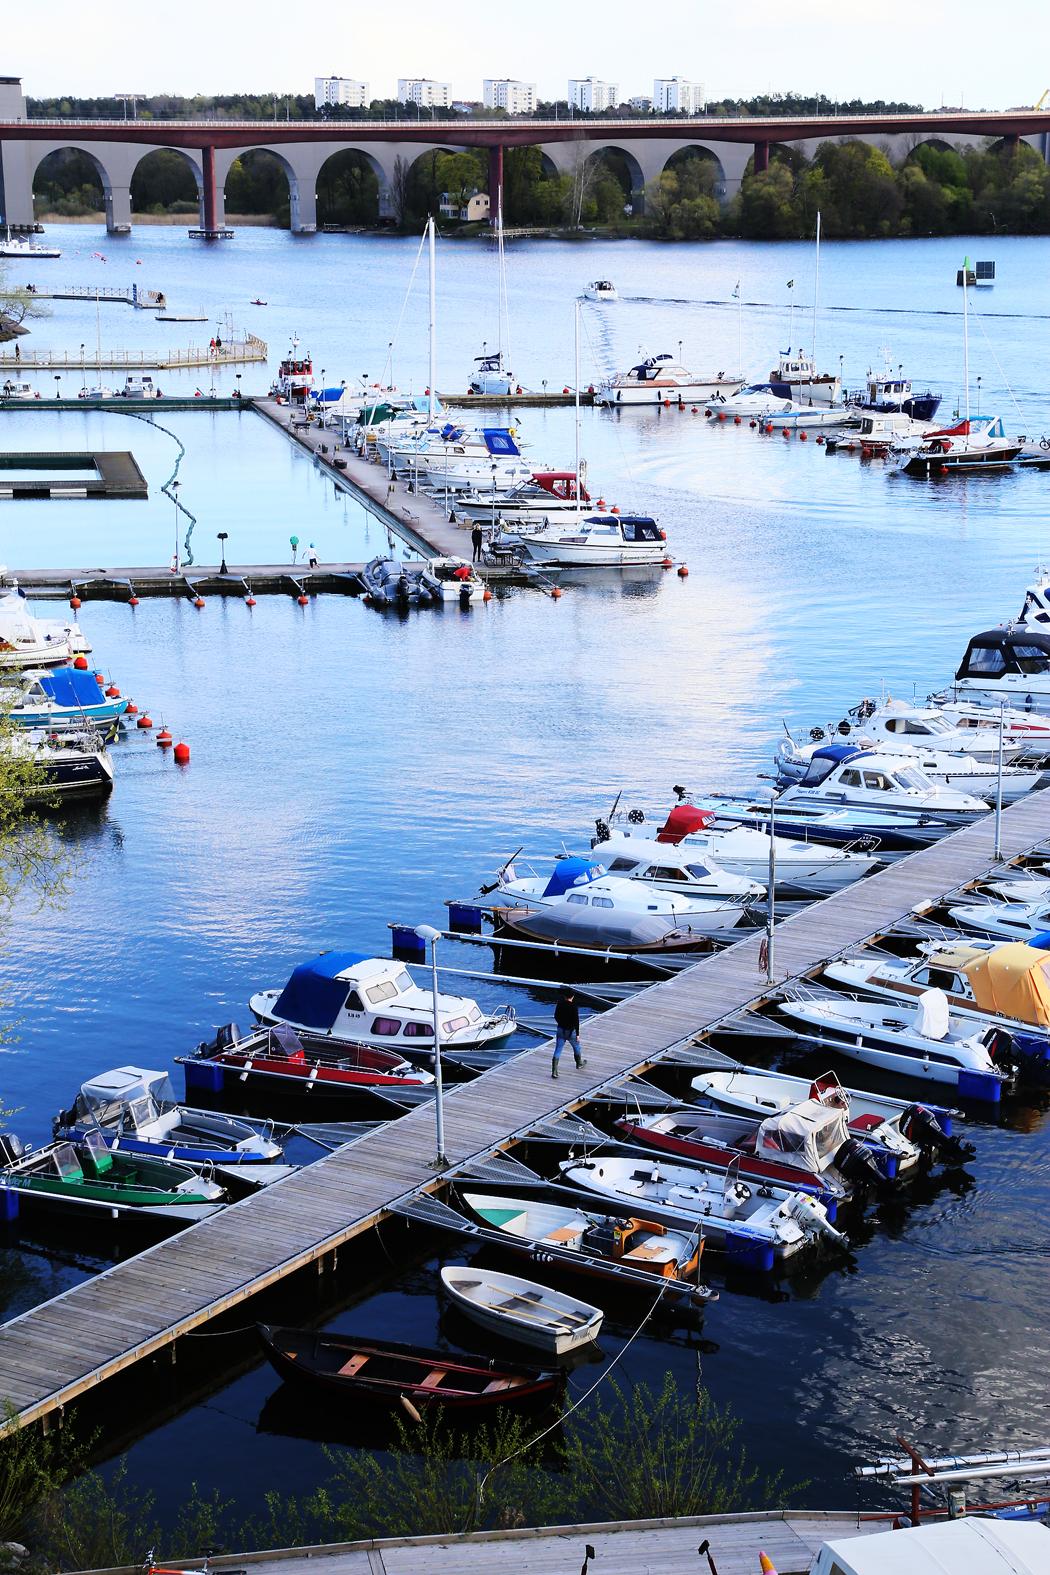 Småbåtshamnen på Södersidan mitt emot Liljeholmen.